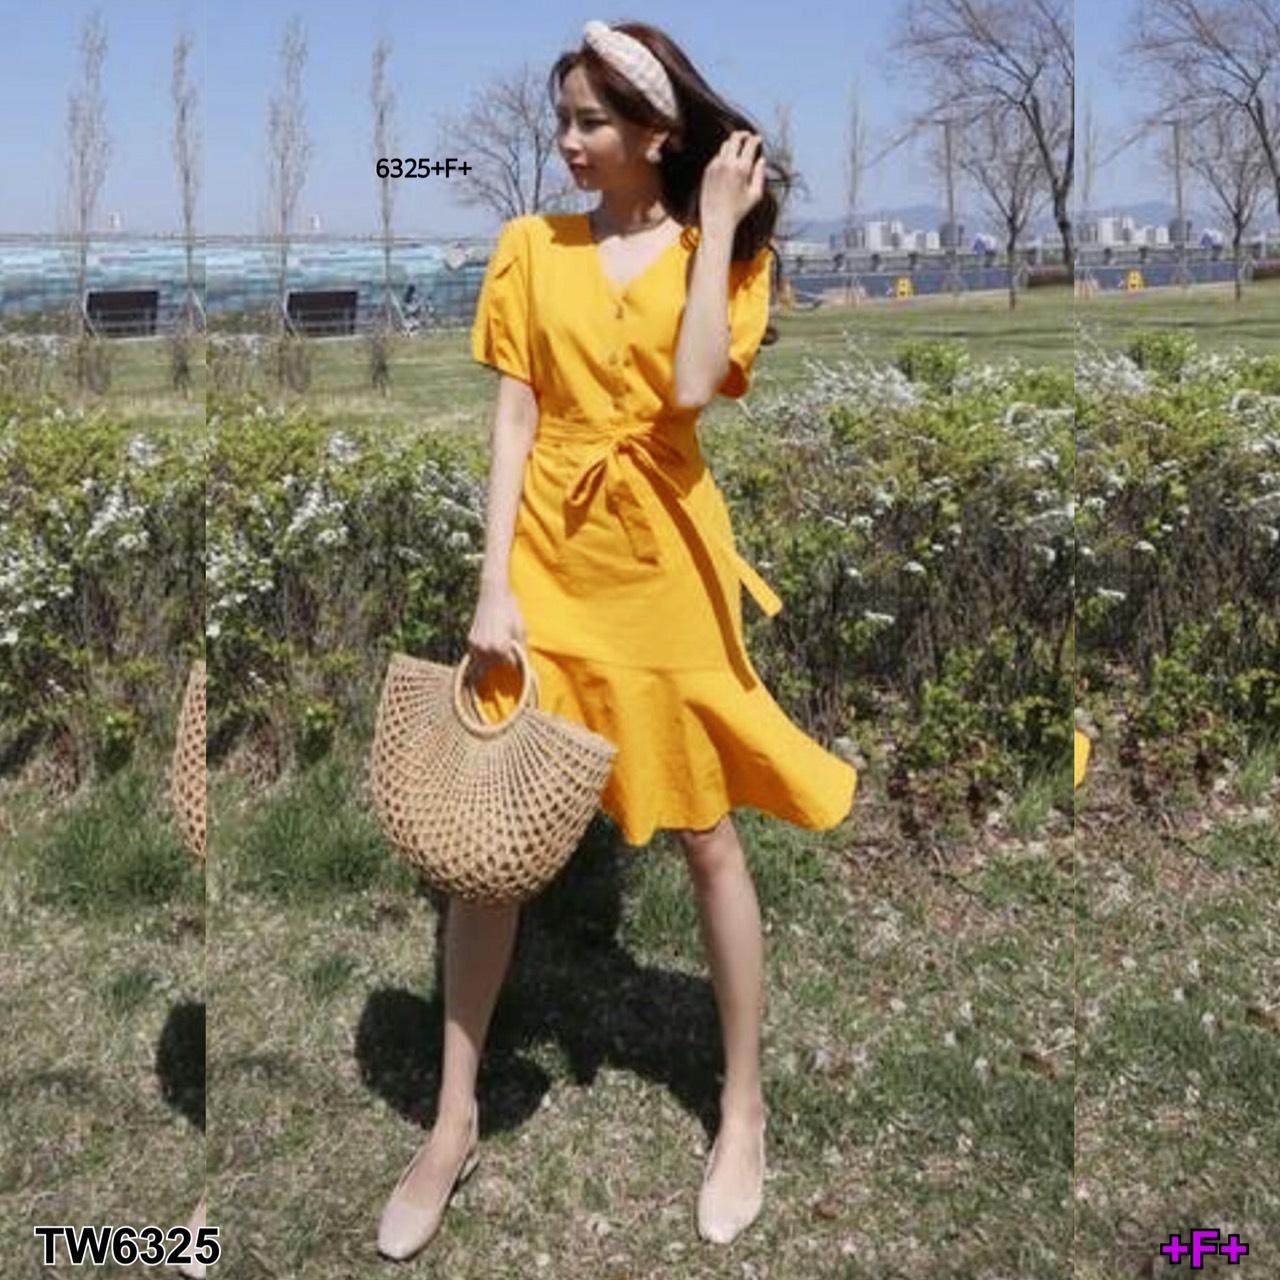 Dress #เดรสเหลือง งานแขนตุ๊กตาแต่งจีบ ติดกระดุม 3 เม็ด